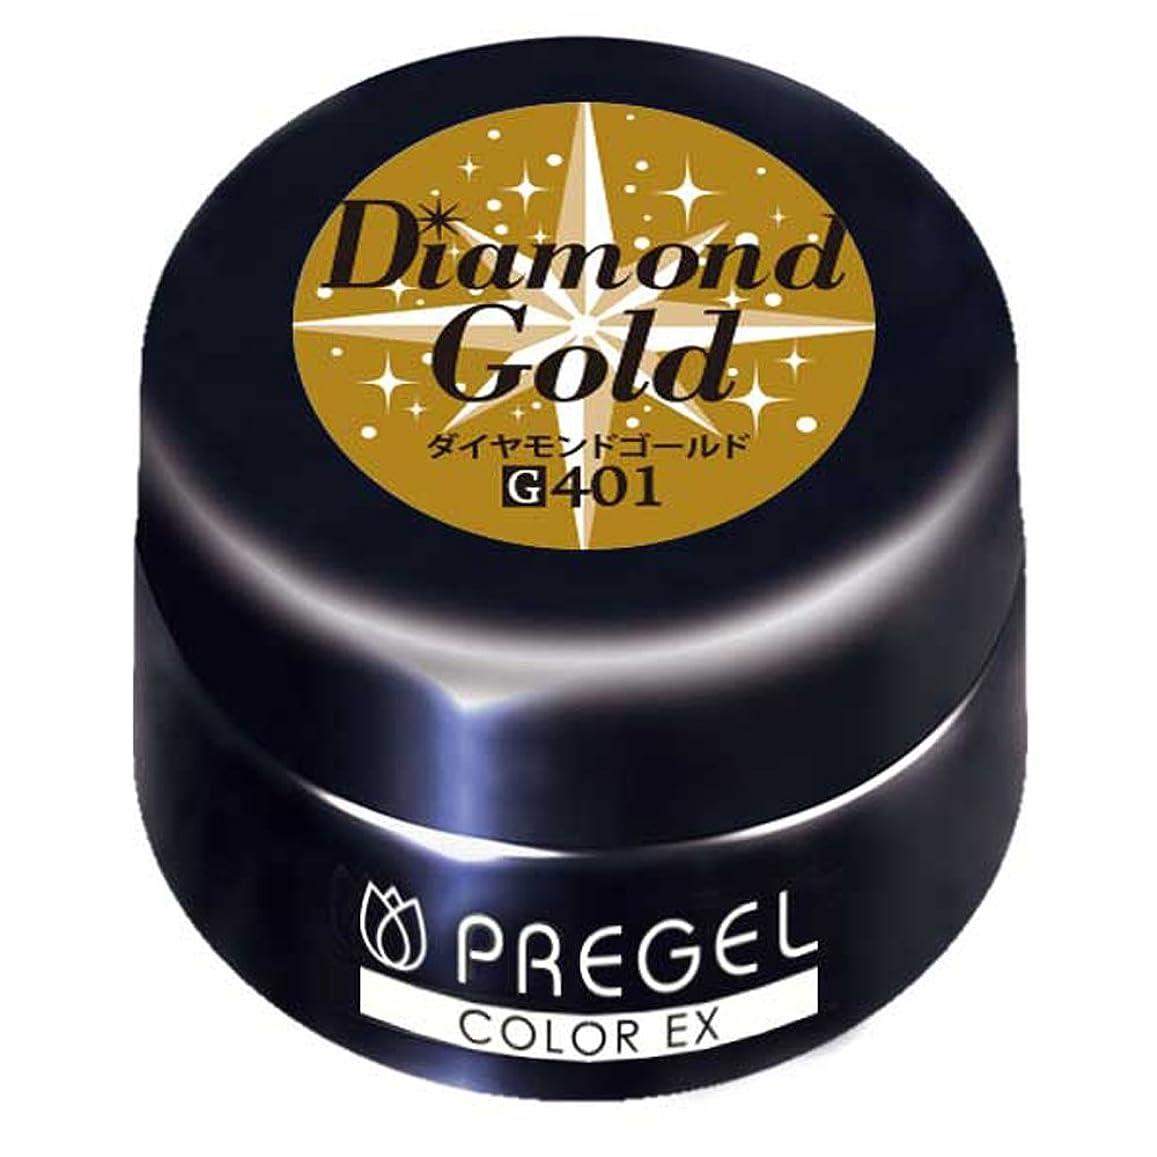 問い合わせるカジュアルわかるPRE GEL カラーEX ダイヤモンドゴールドCE401 UV/LED対応 カラージェル